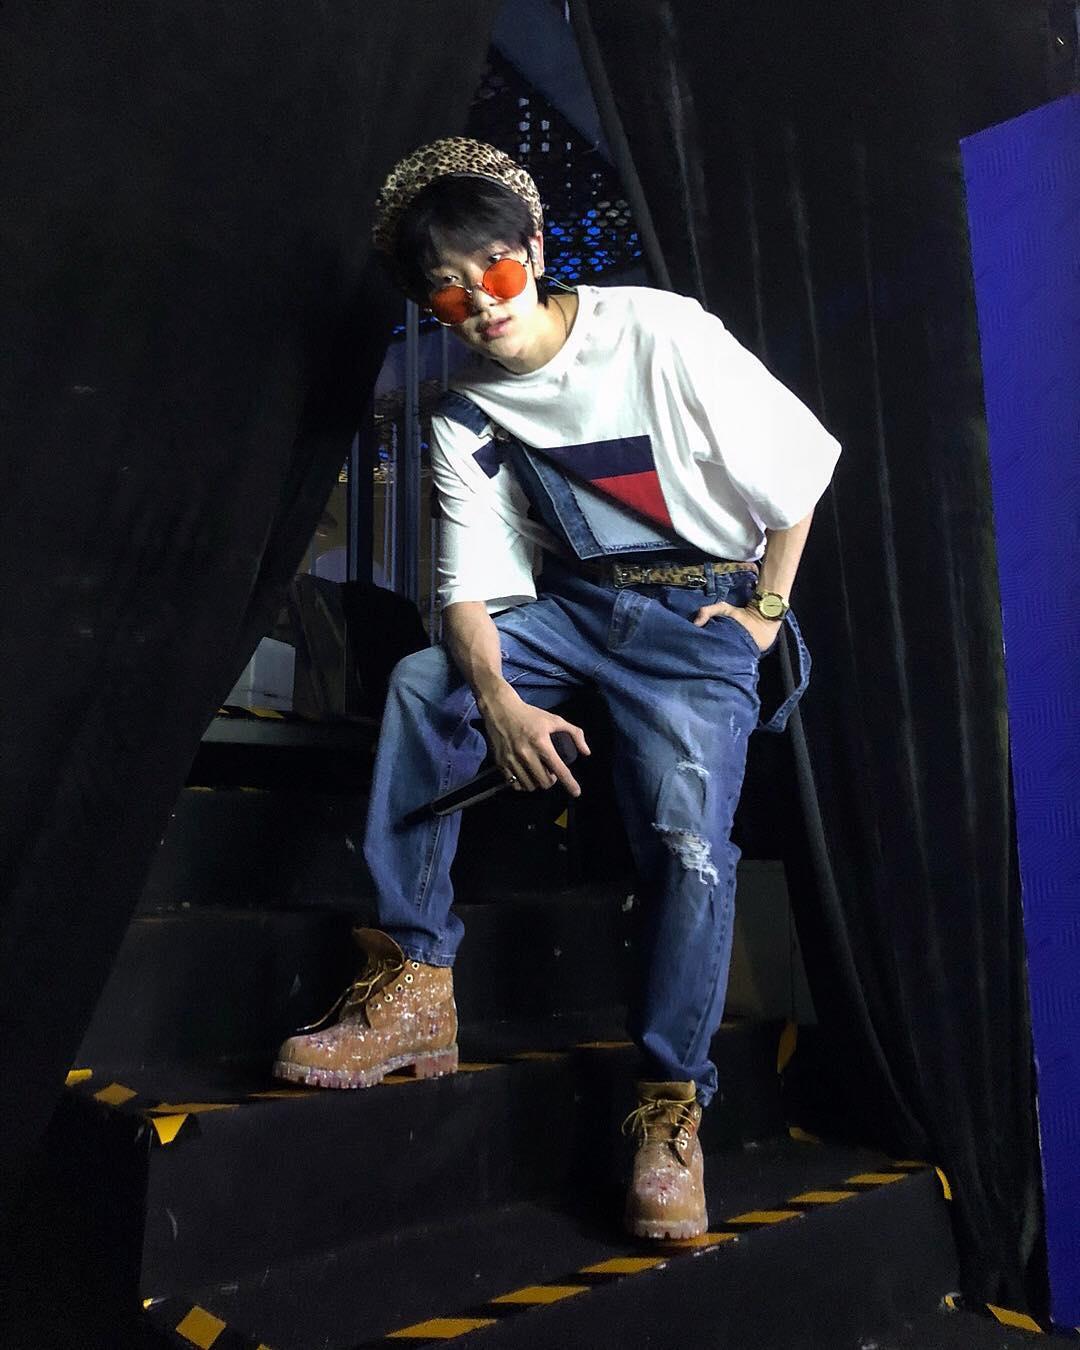 thời trang sao hàn the 8 mặc quần yếm jeans và ao thun tommy hilfiger